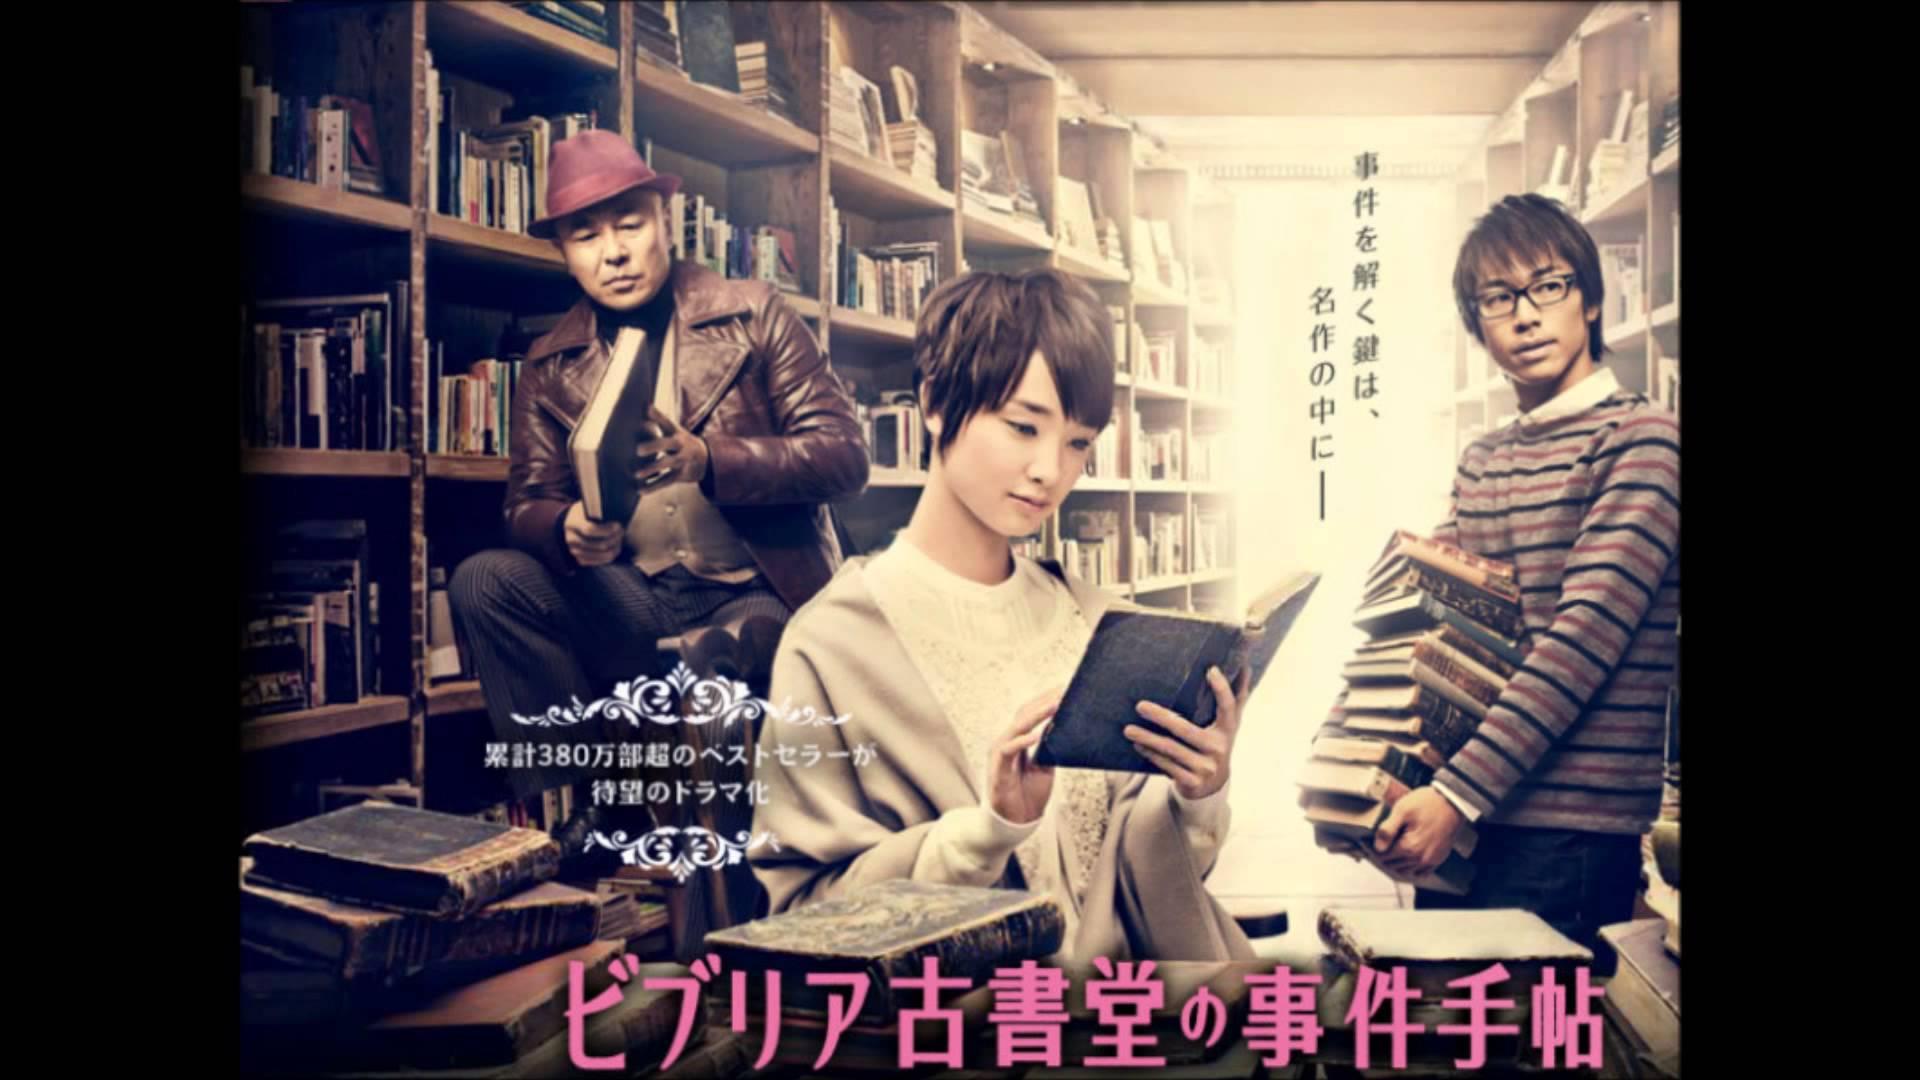 ビブリア古書堂の事件手帖【無料視聴】動画を無料でみられる